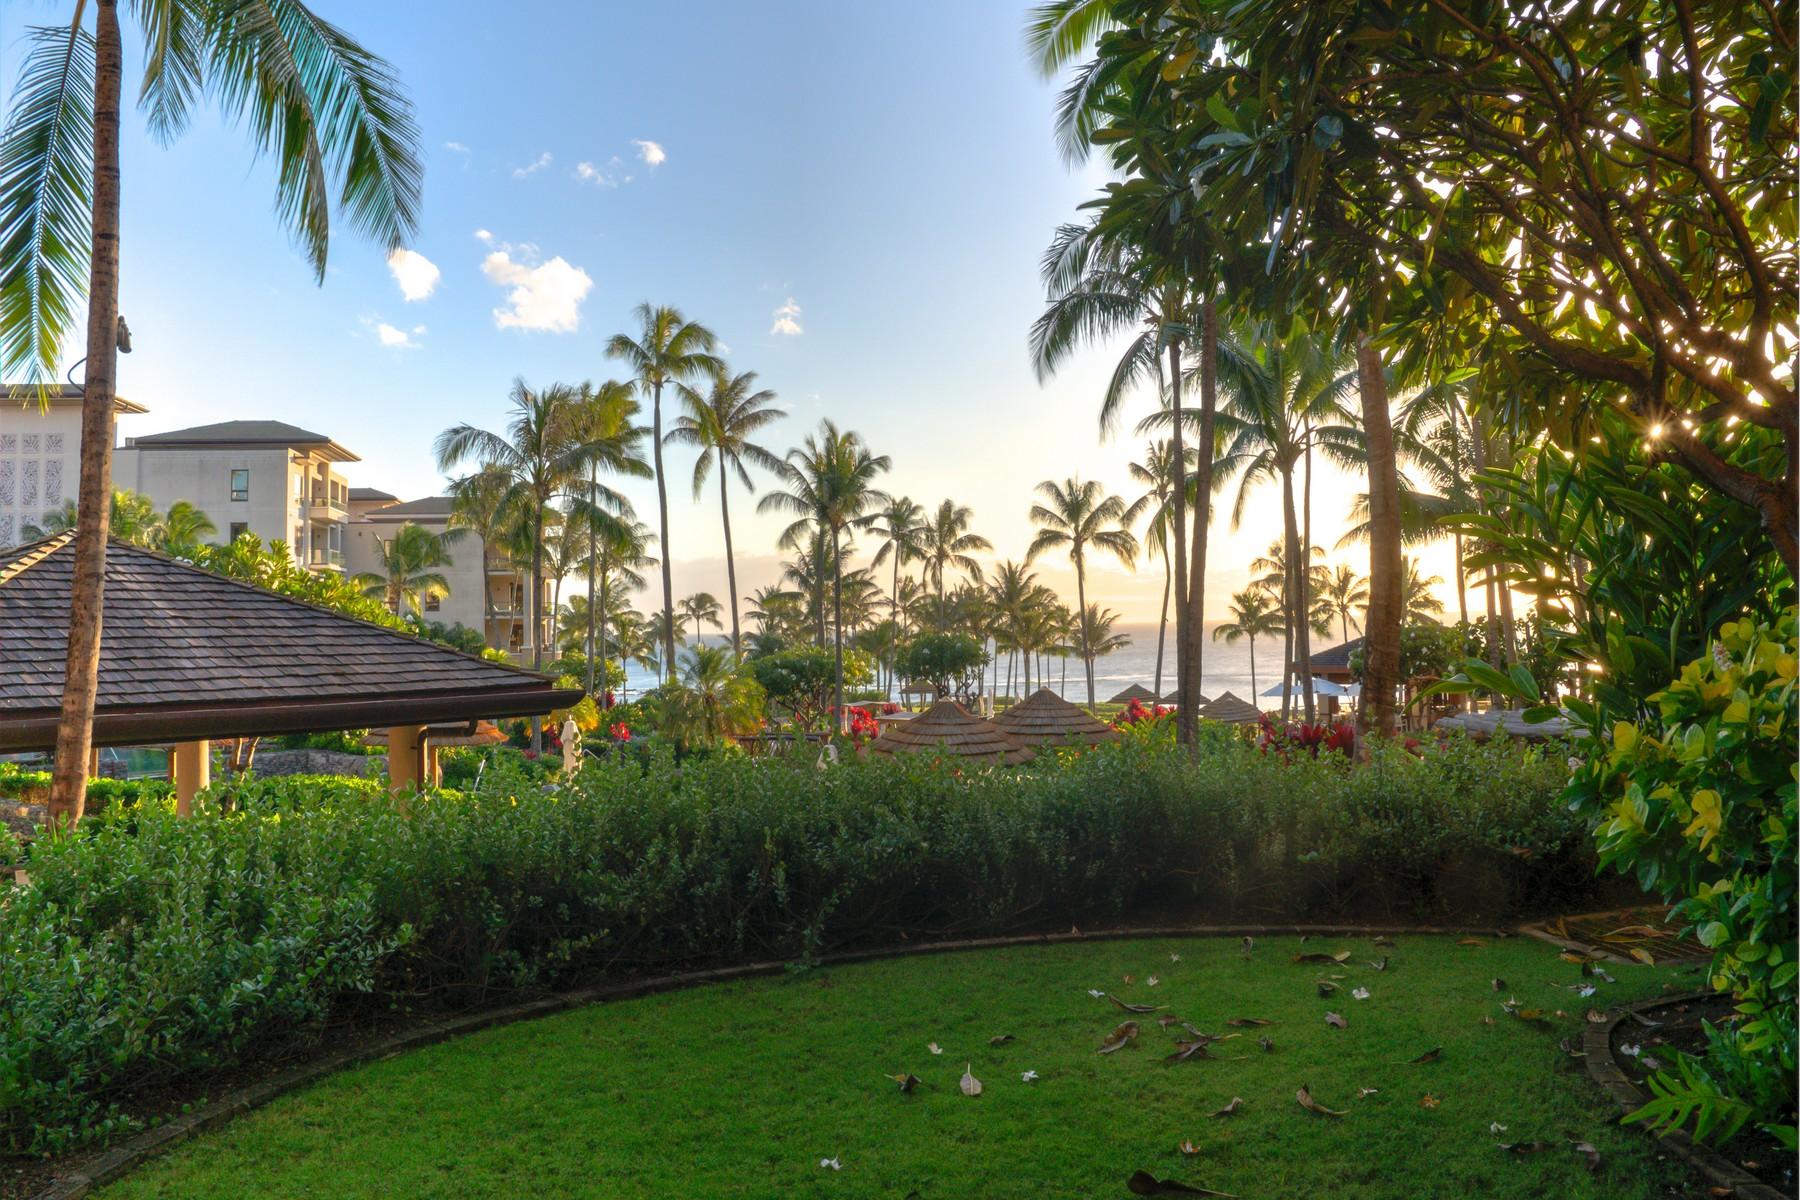 Kısmi Mülkiyet için Satış at Montage Fractional 1 Bay Drive, Montage Residences 4102 Kapalua, Hawaii, 96761 Amerika Birleşik Devletleri